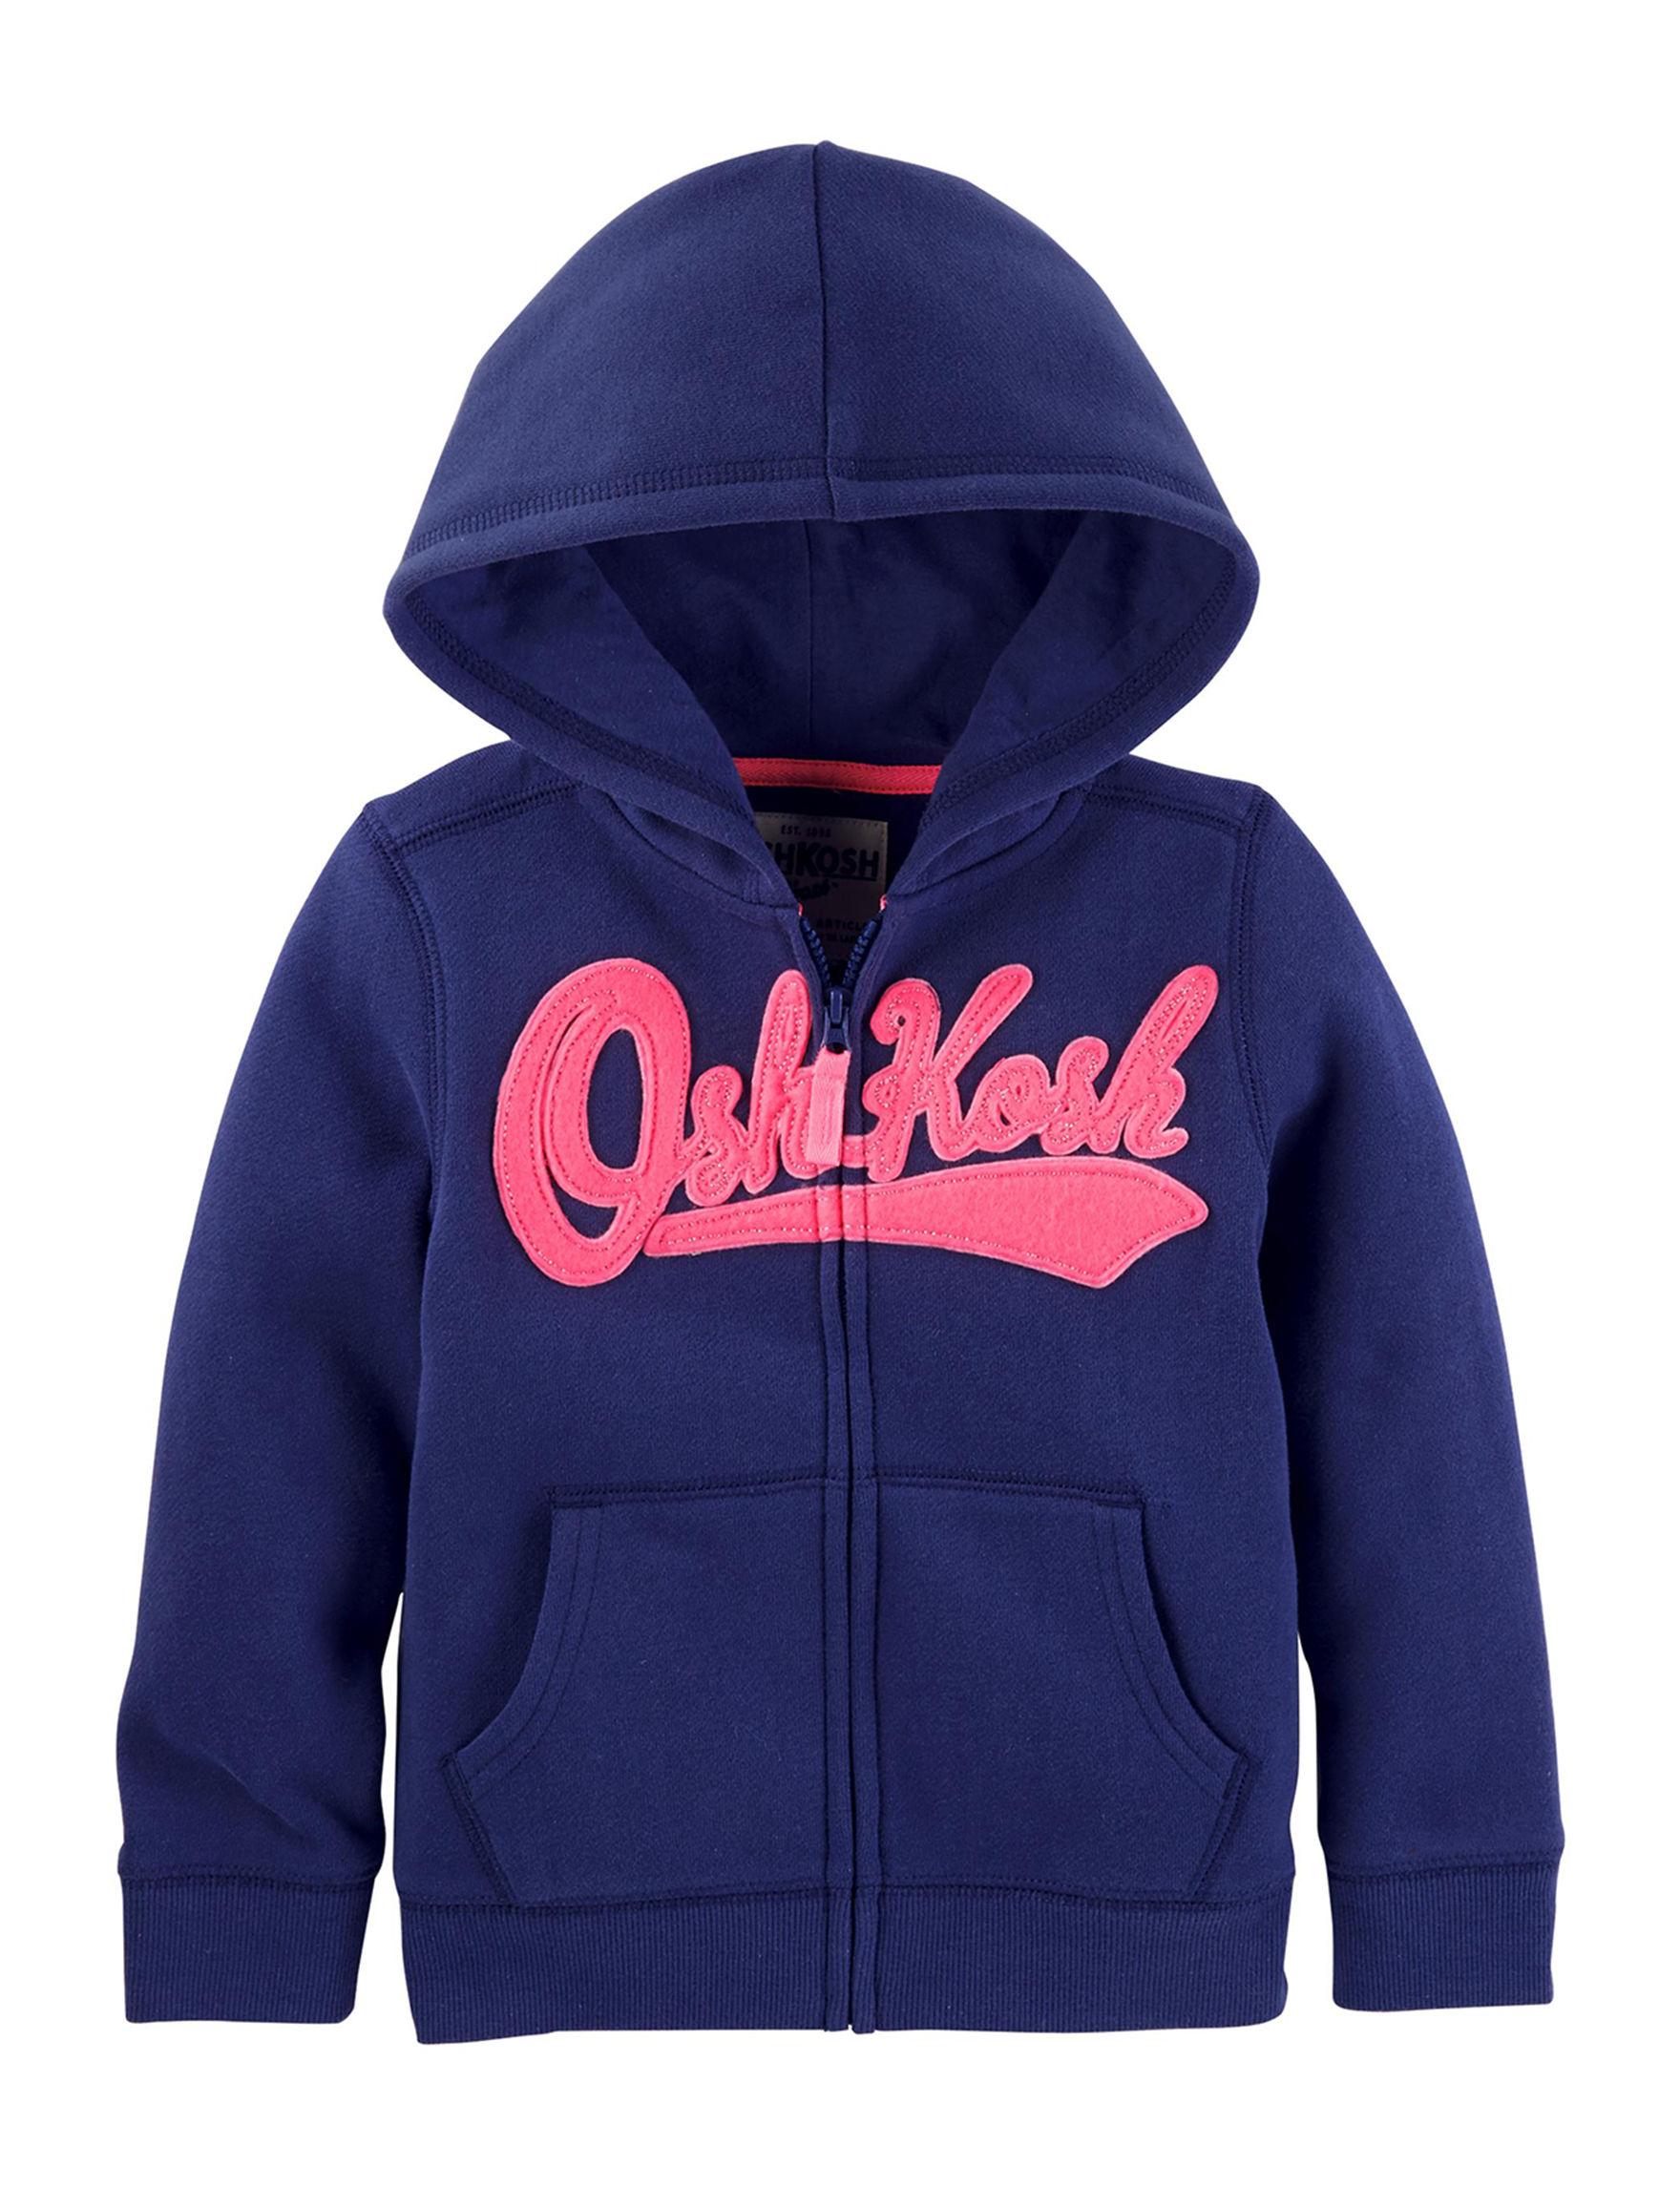 Oshkosh B'Gosh Blue